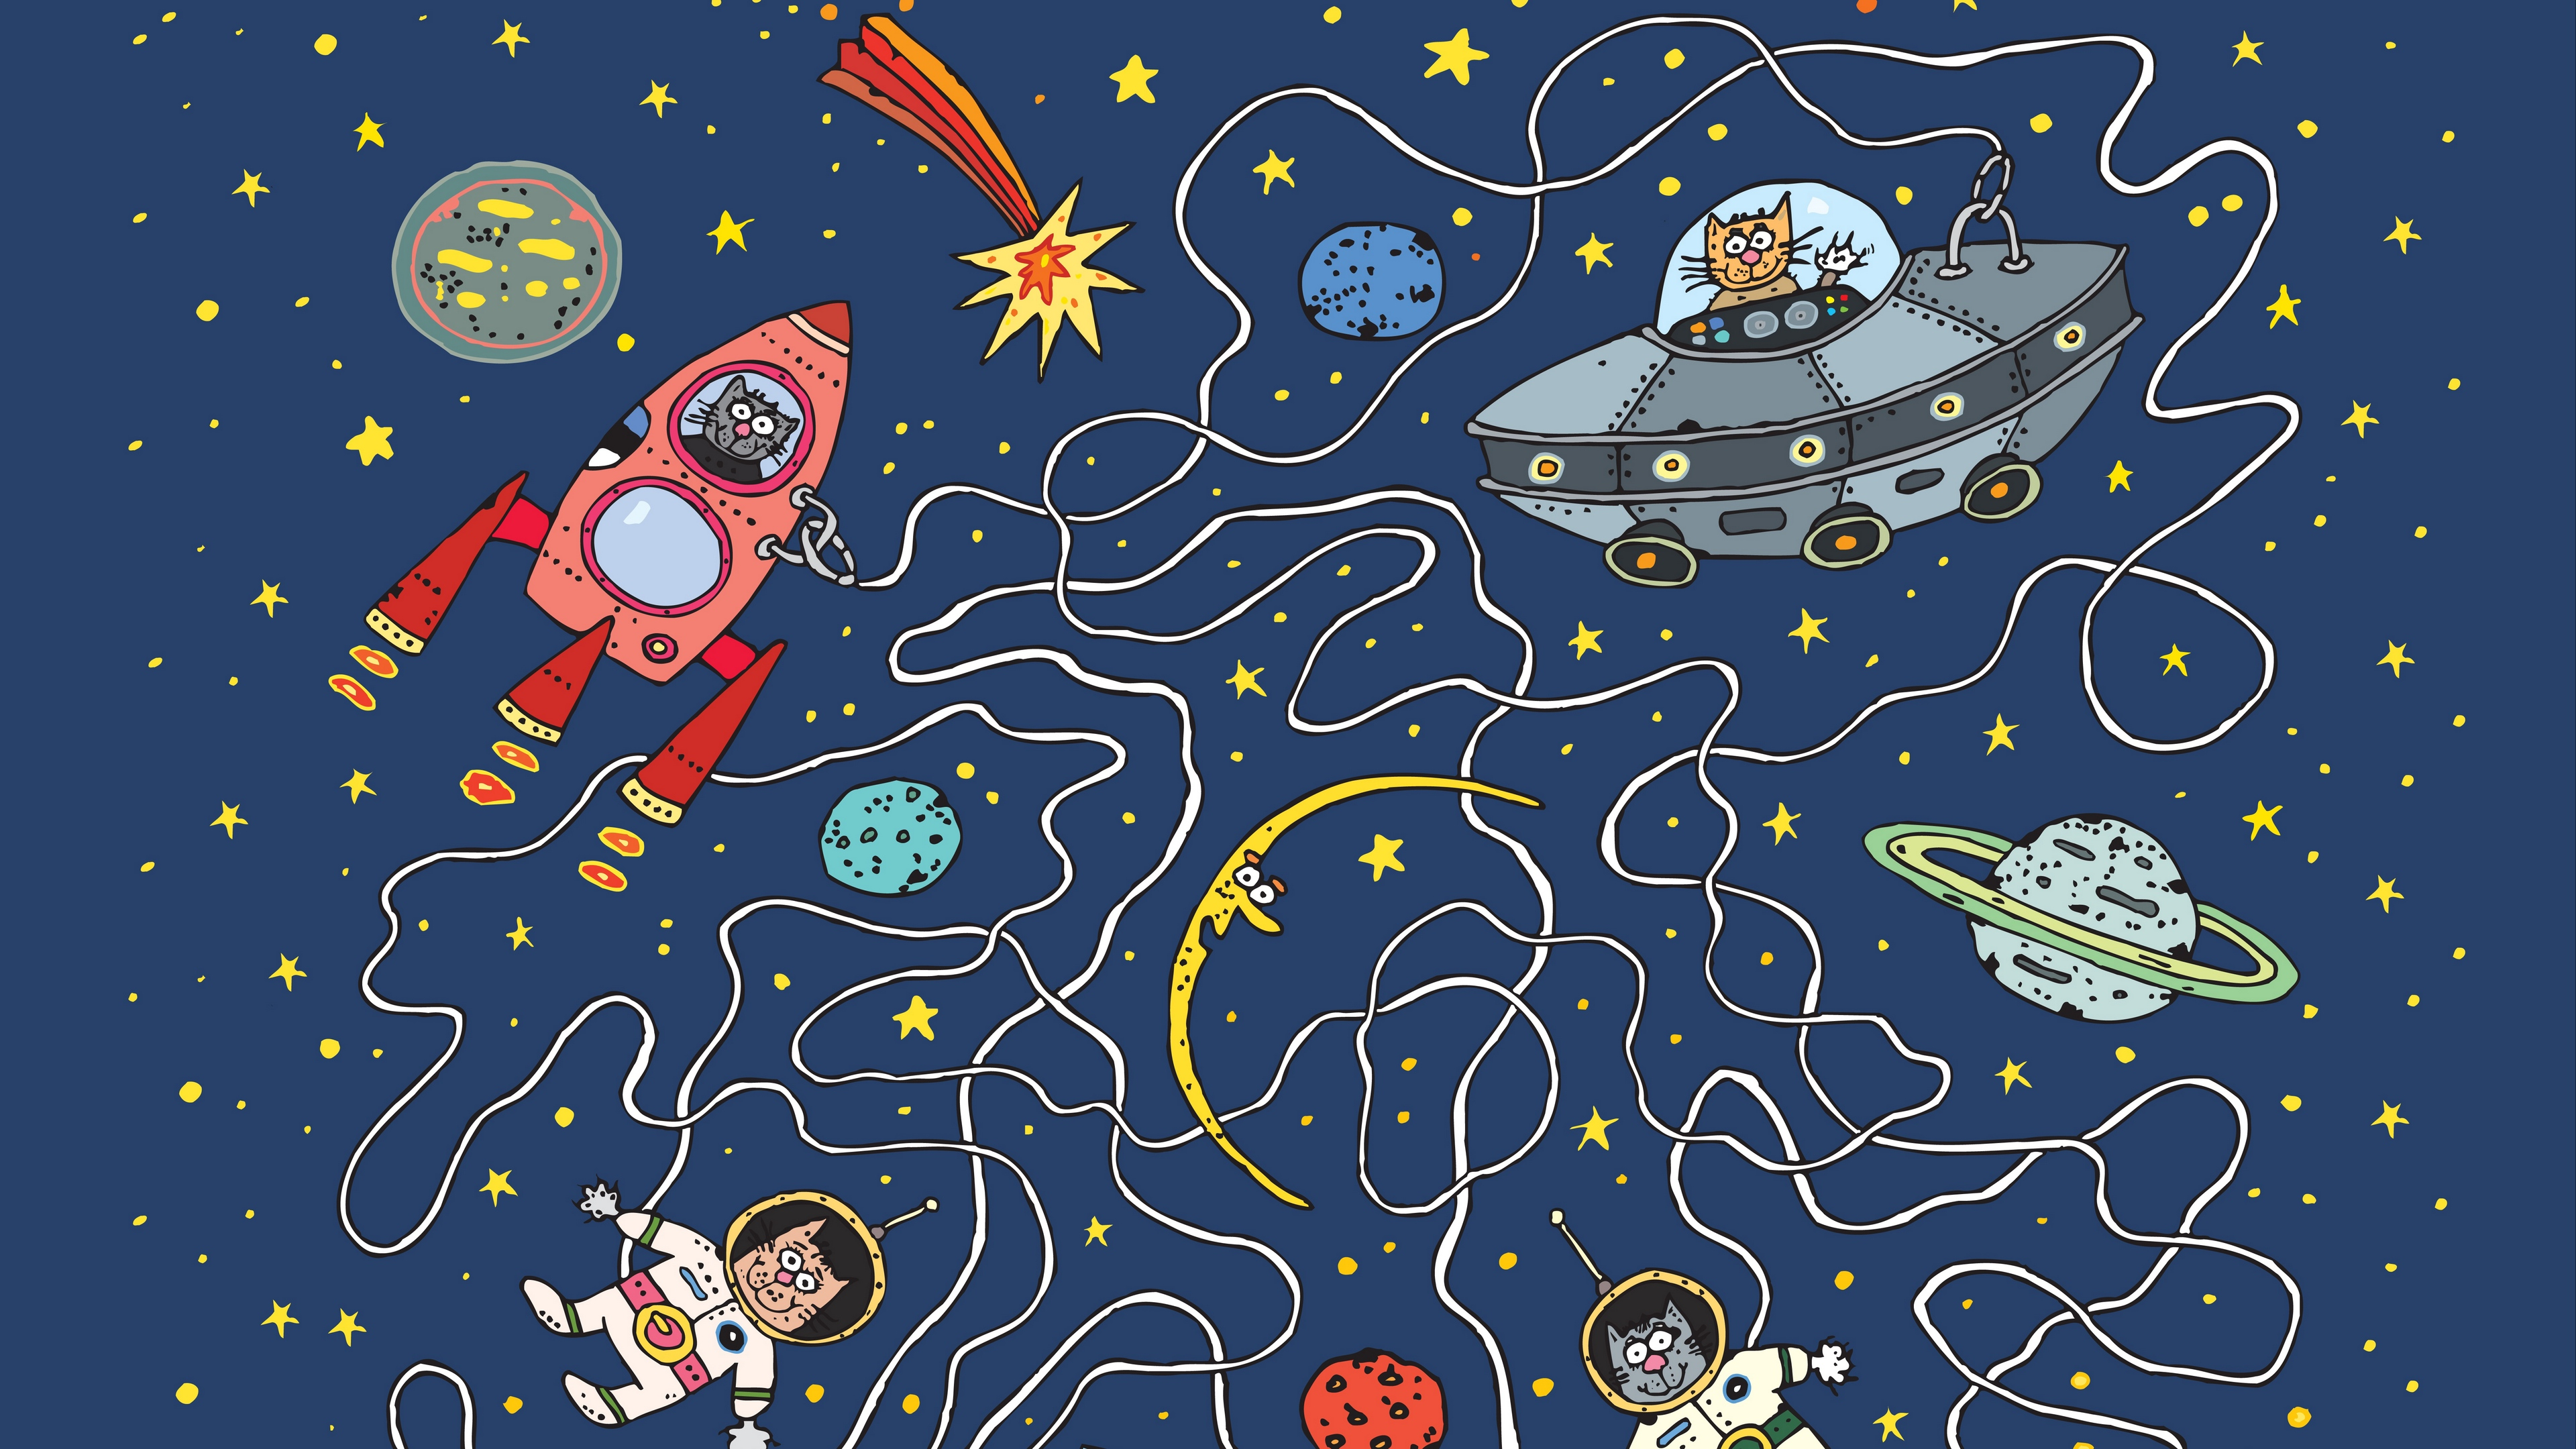 Wallpaper 4k Astronauts Cats Rocket Planet Art Funny 4k